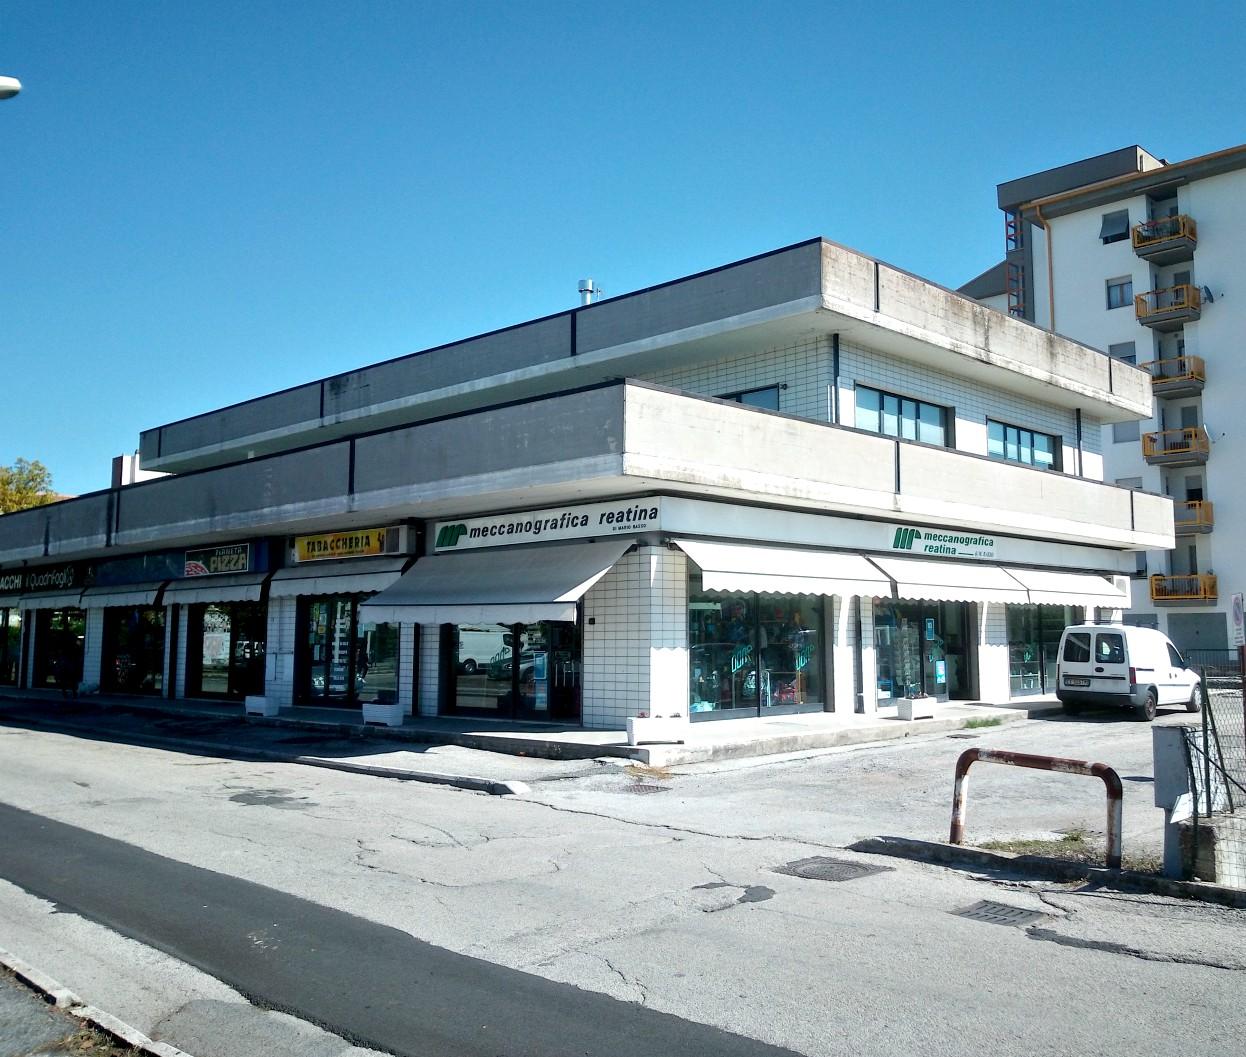 Affittasi locale commerciale/magazzino di 170 Mq circa in Via De Juliis (Ri) Rif.2104